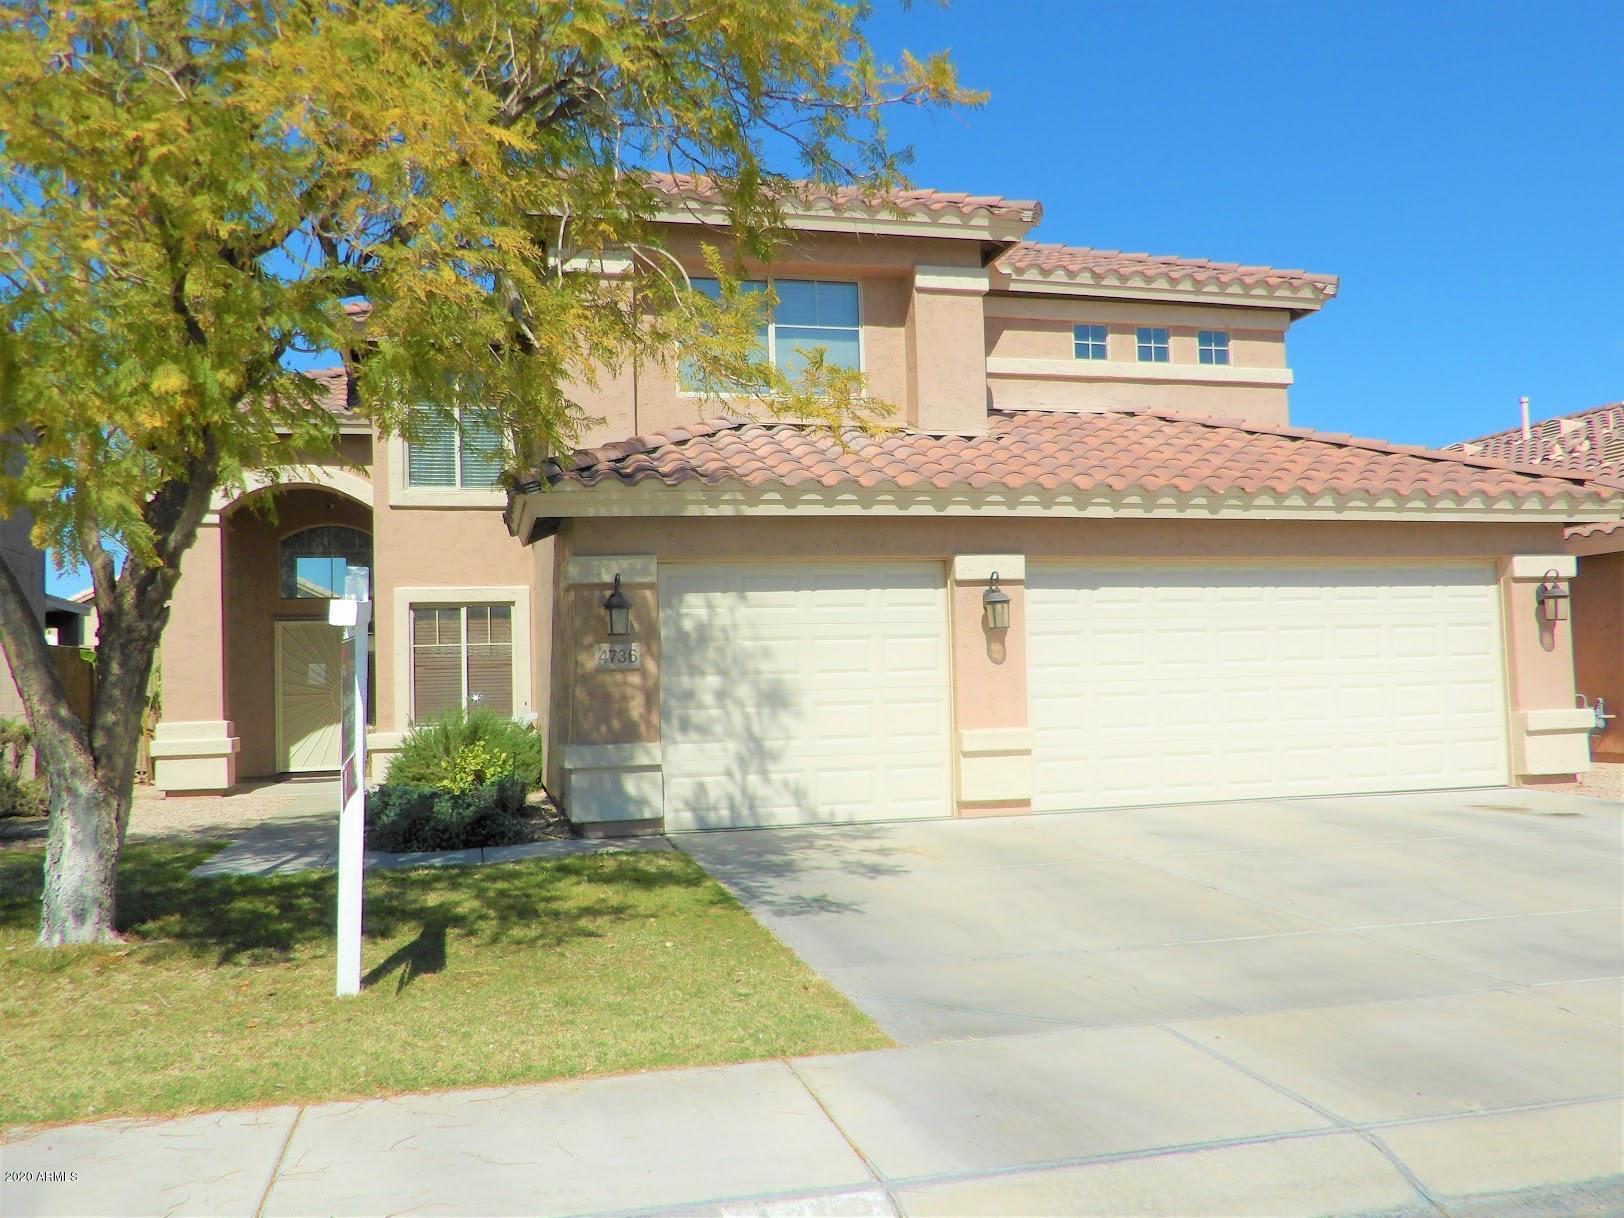 Photo of 4736 E SOUTH FORK Drive, Phoenix, AZ 85044